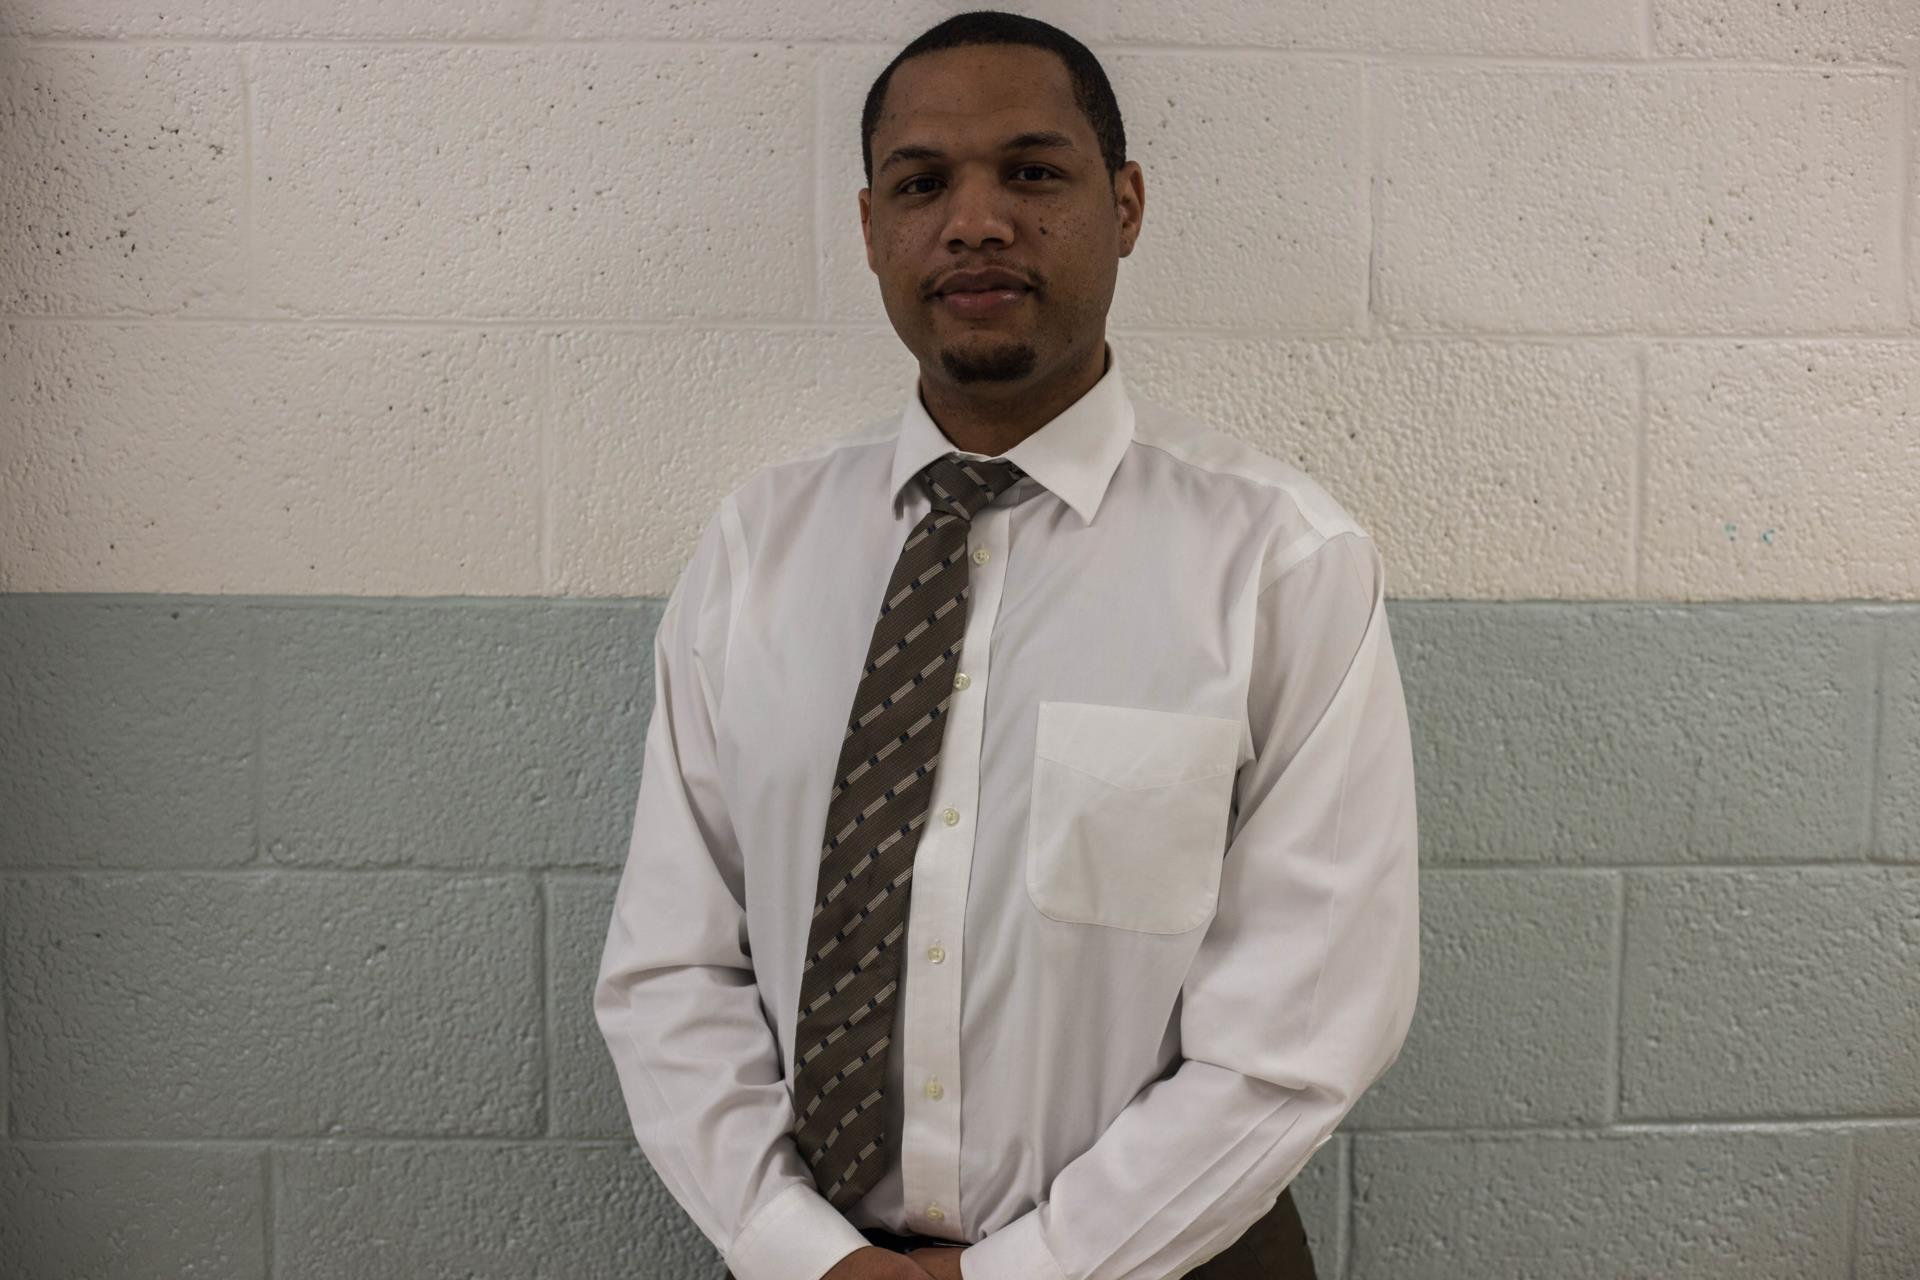 man in white shirt with necktie